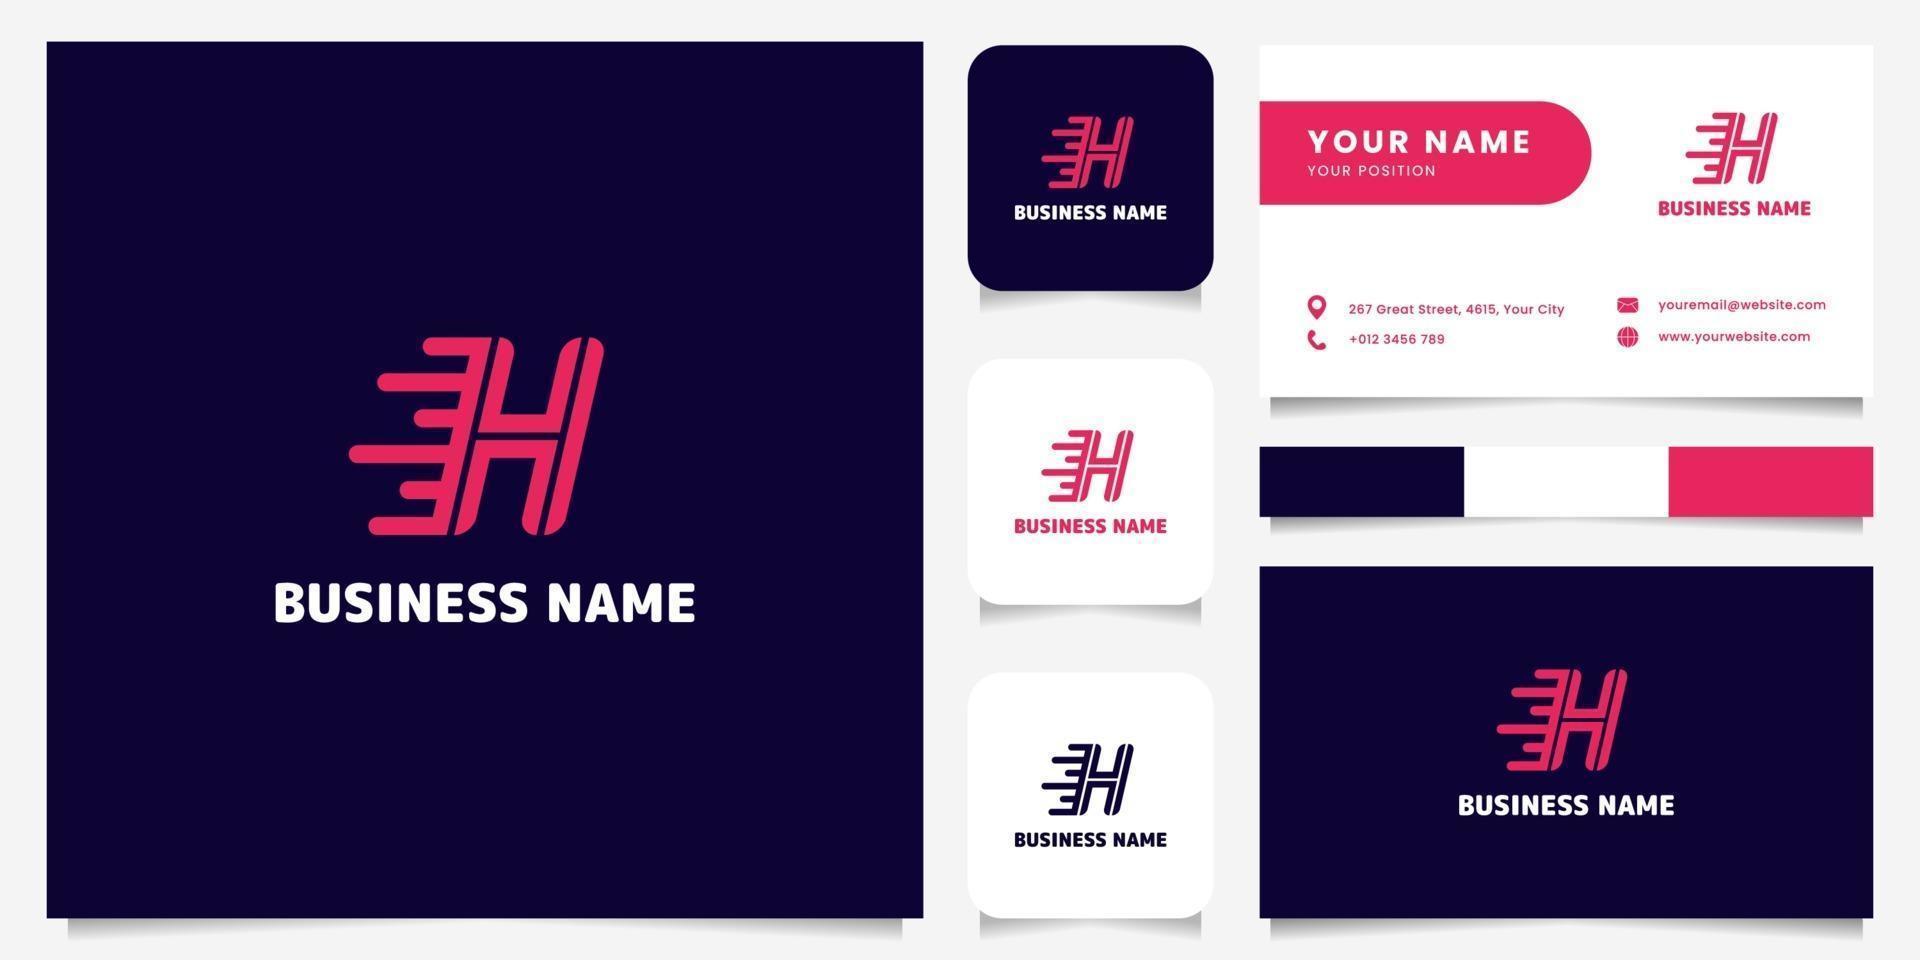 Logotipo de velocidad de letra h rosa brillante simple y minimalista en logotipo de fondo oscuro con plantilla de tarjeta de visita vector